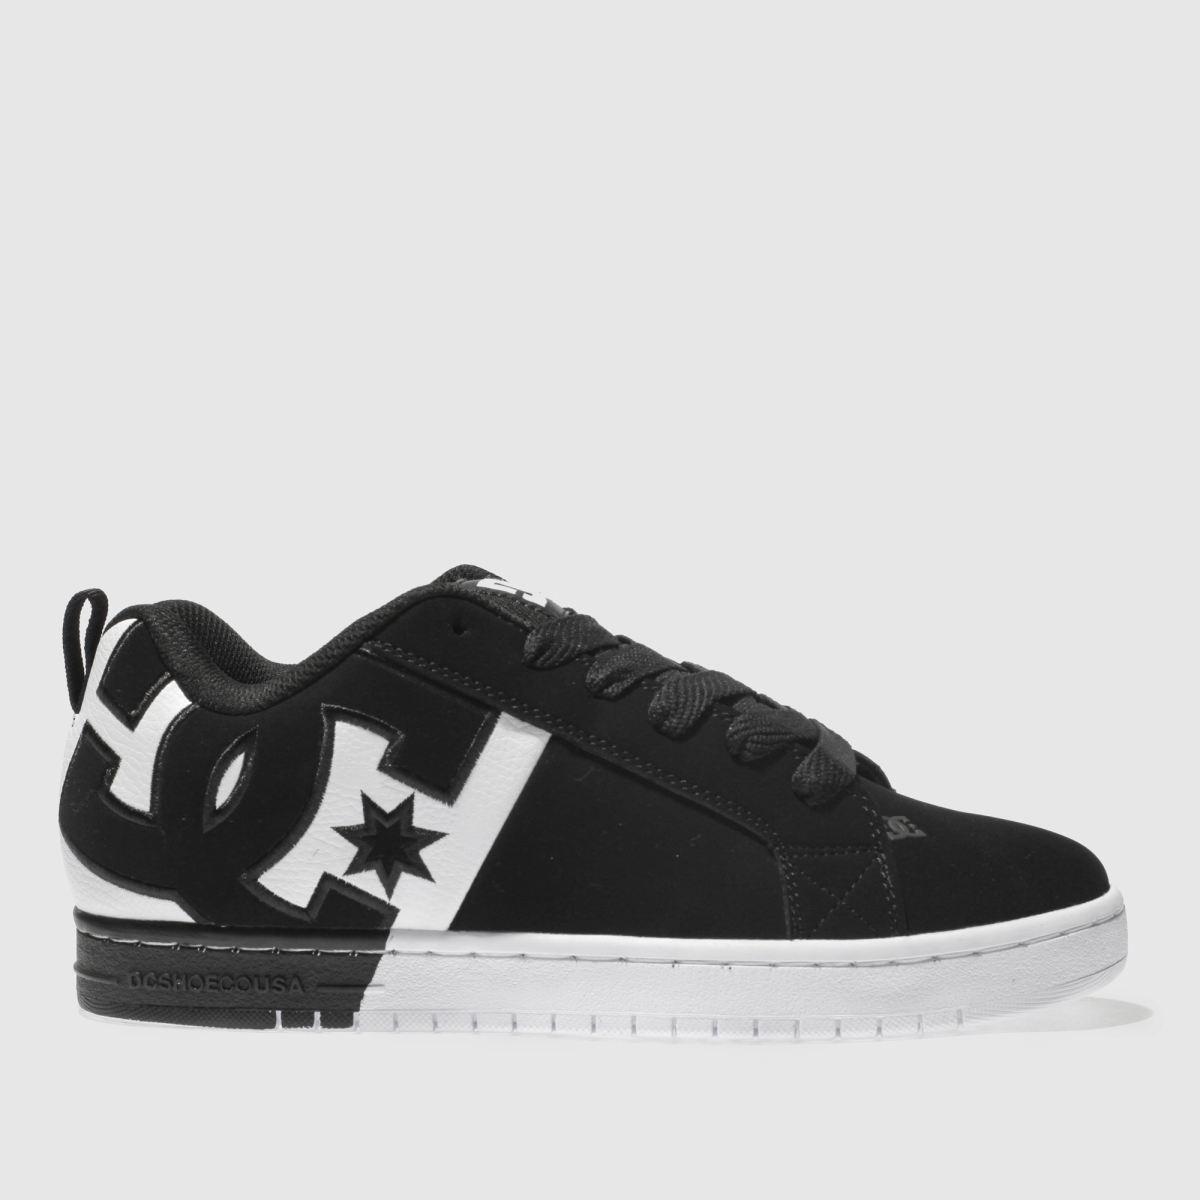 dc shoes Dc Shoes Black & White Dc Court Graffik Sq Trainers